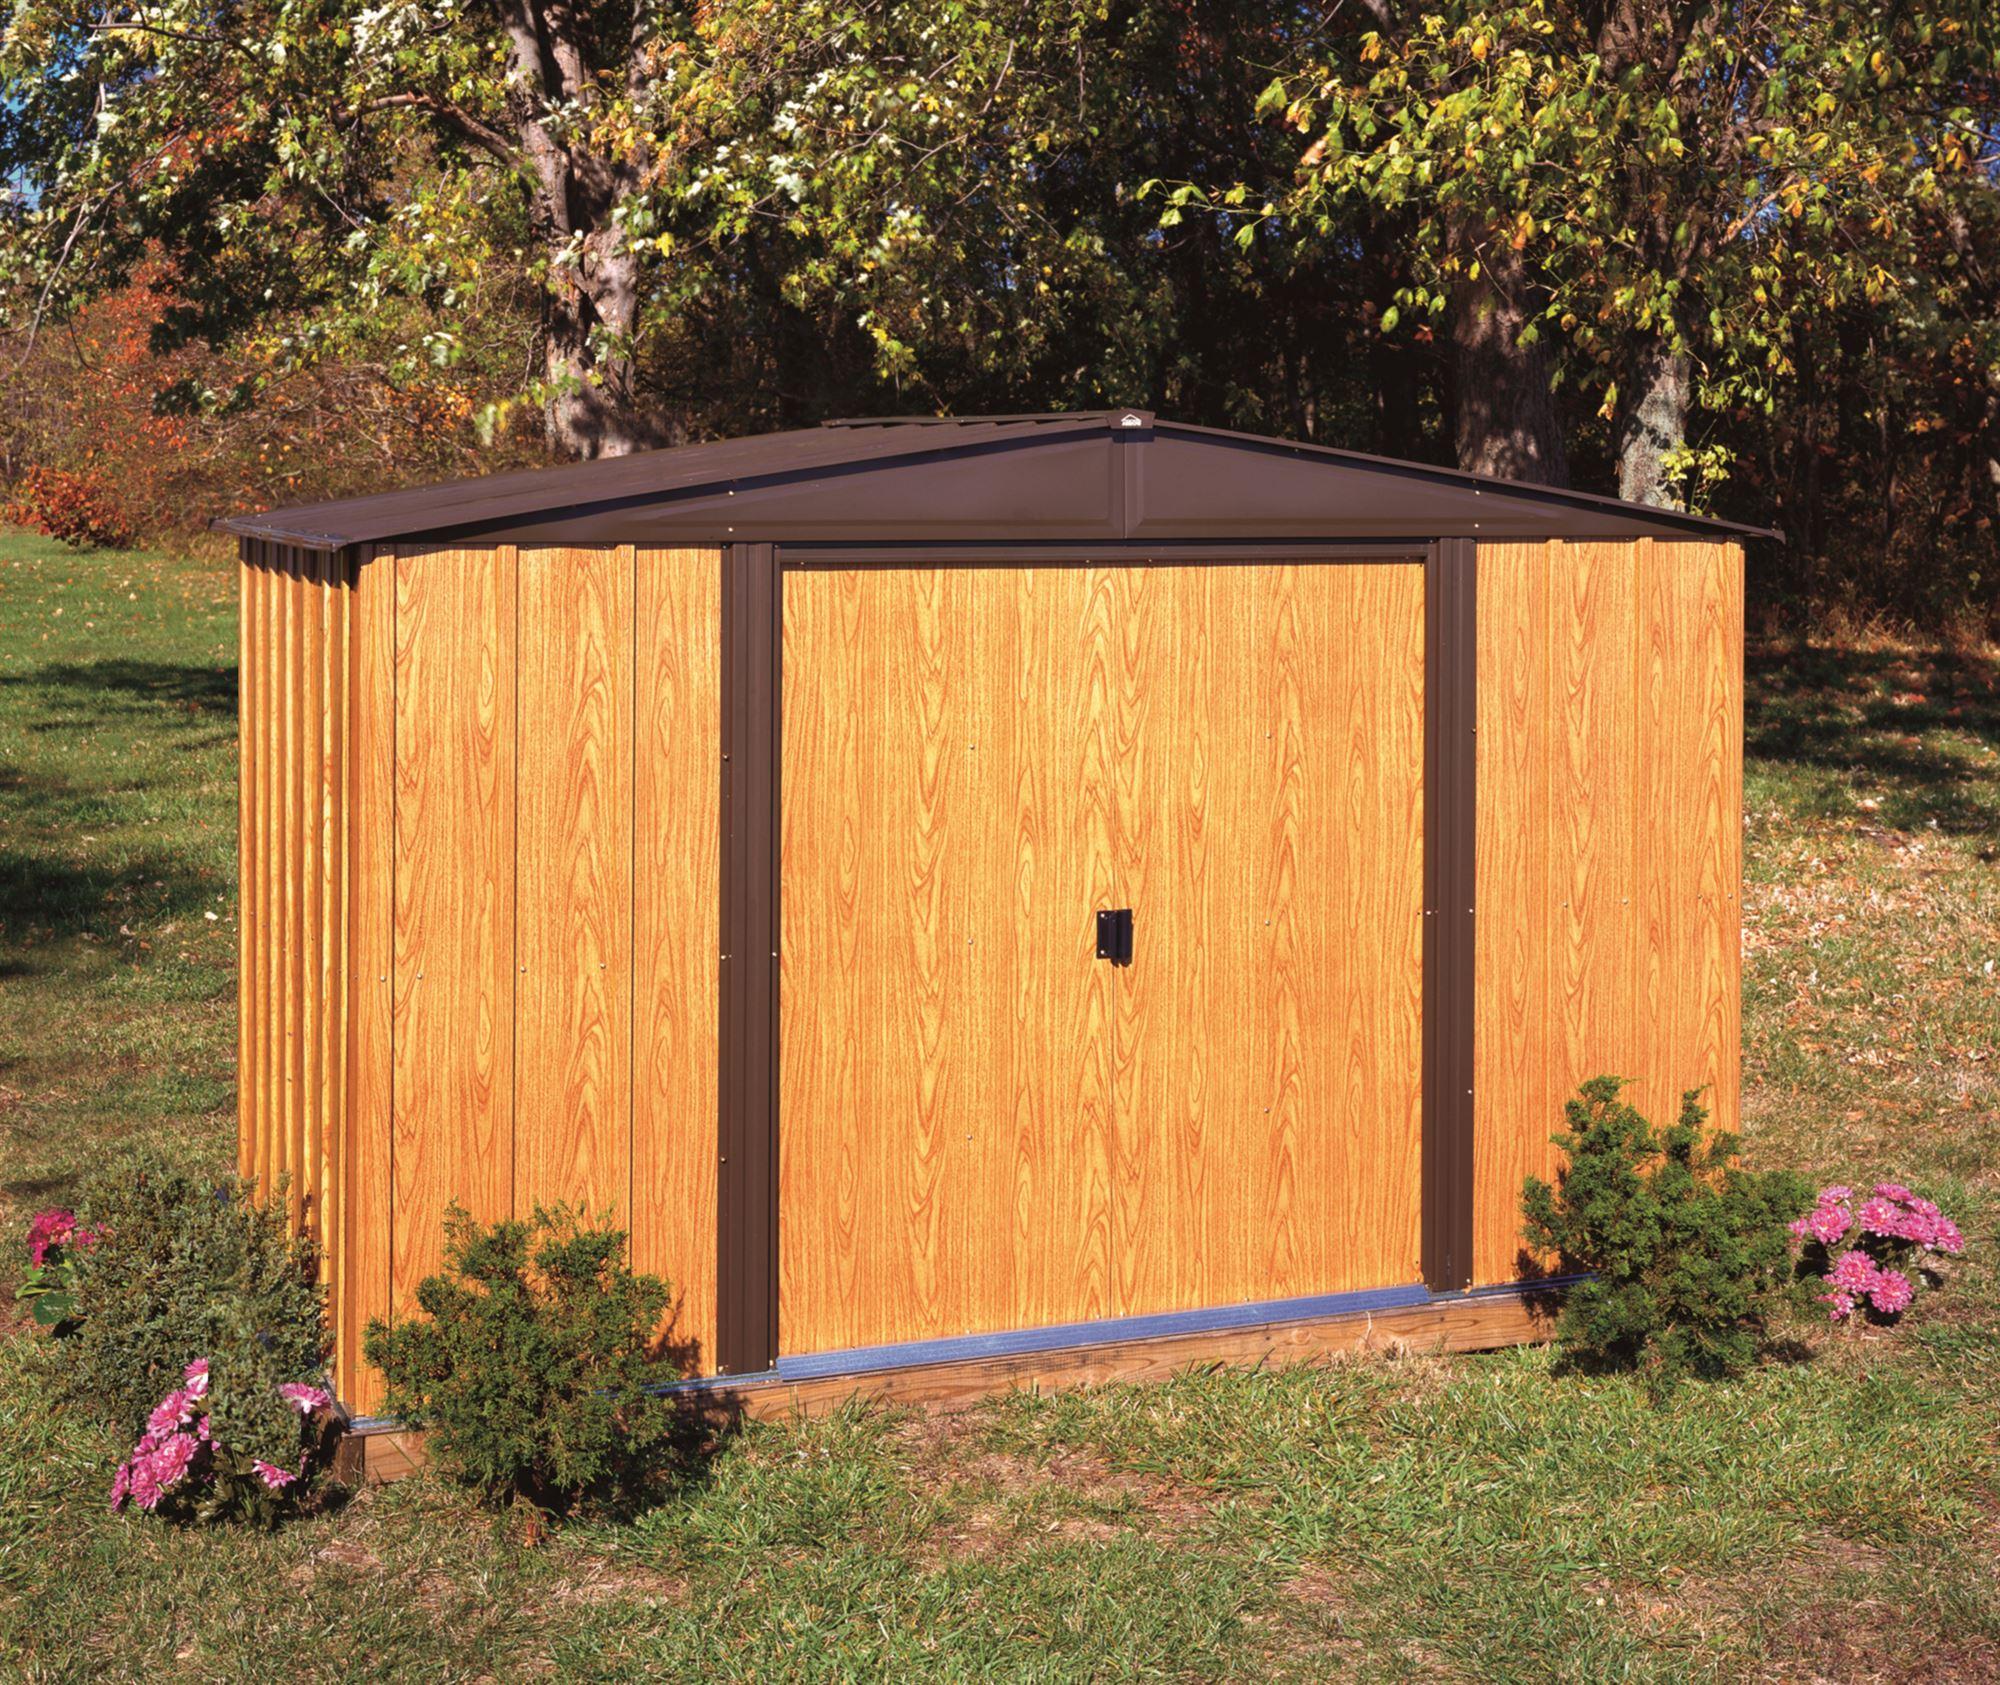 Abri De Jardin Arrow Wl106 En Acier Galvanisé 5 M2 avec Abri De Jardin Acier Galvanisé Imitation Bois